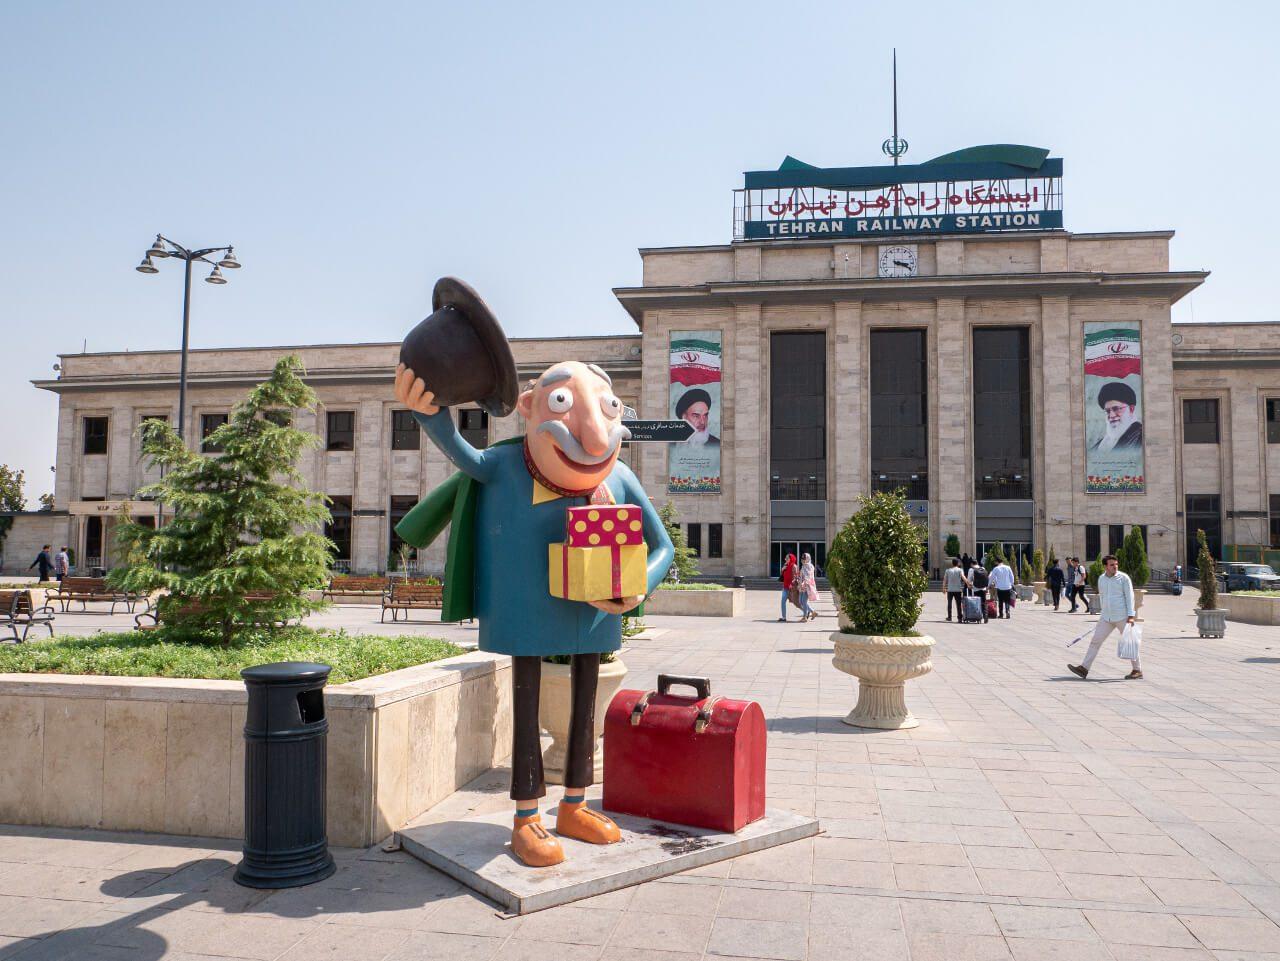 Wejście do dworca kolejowego w Teheranie